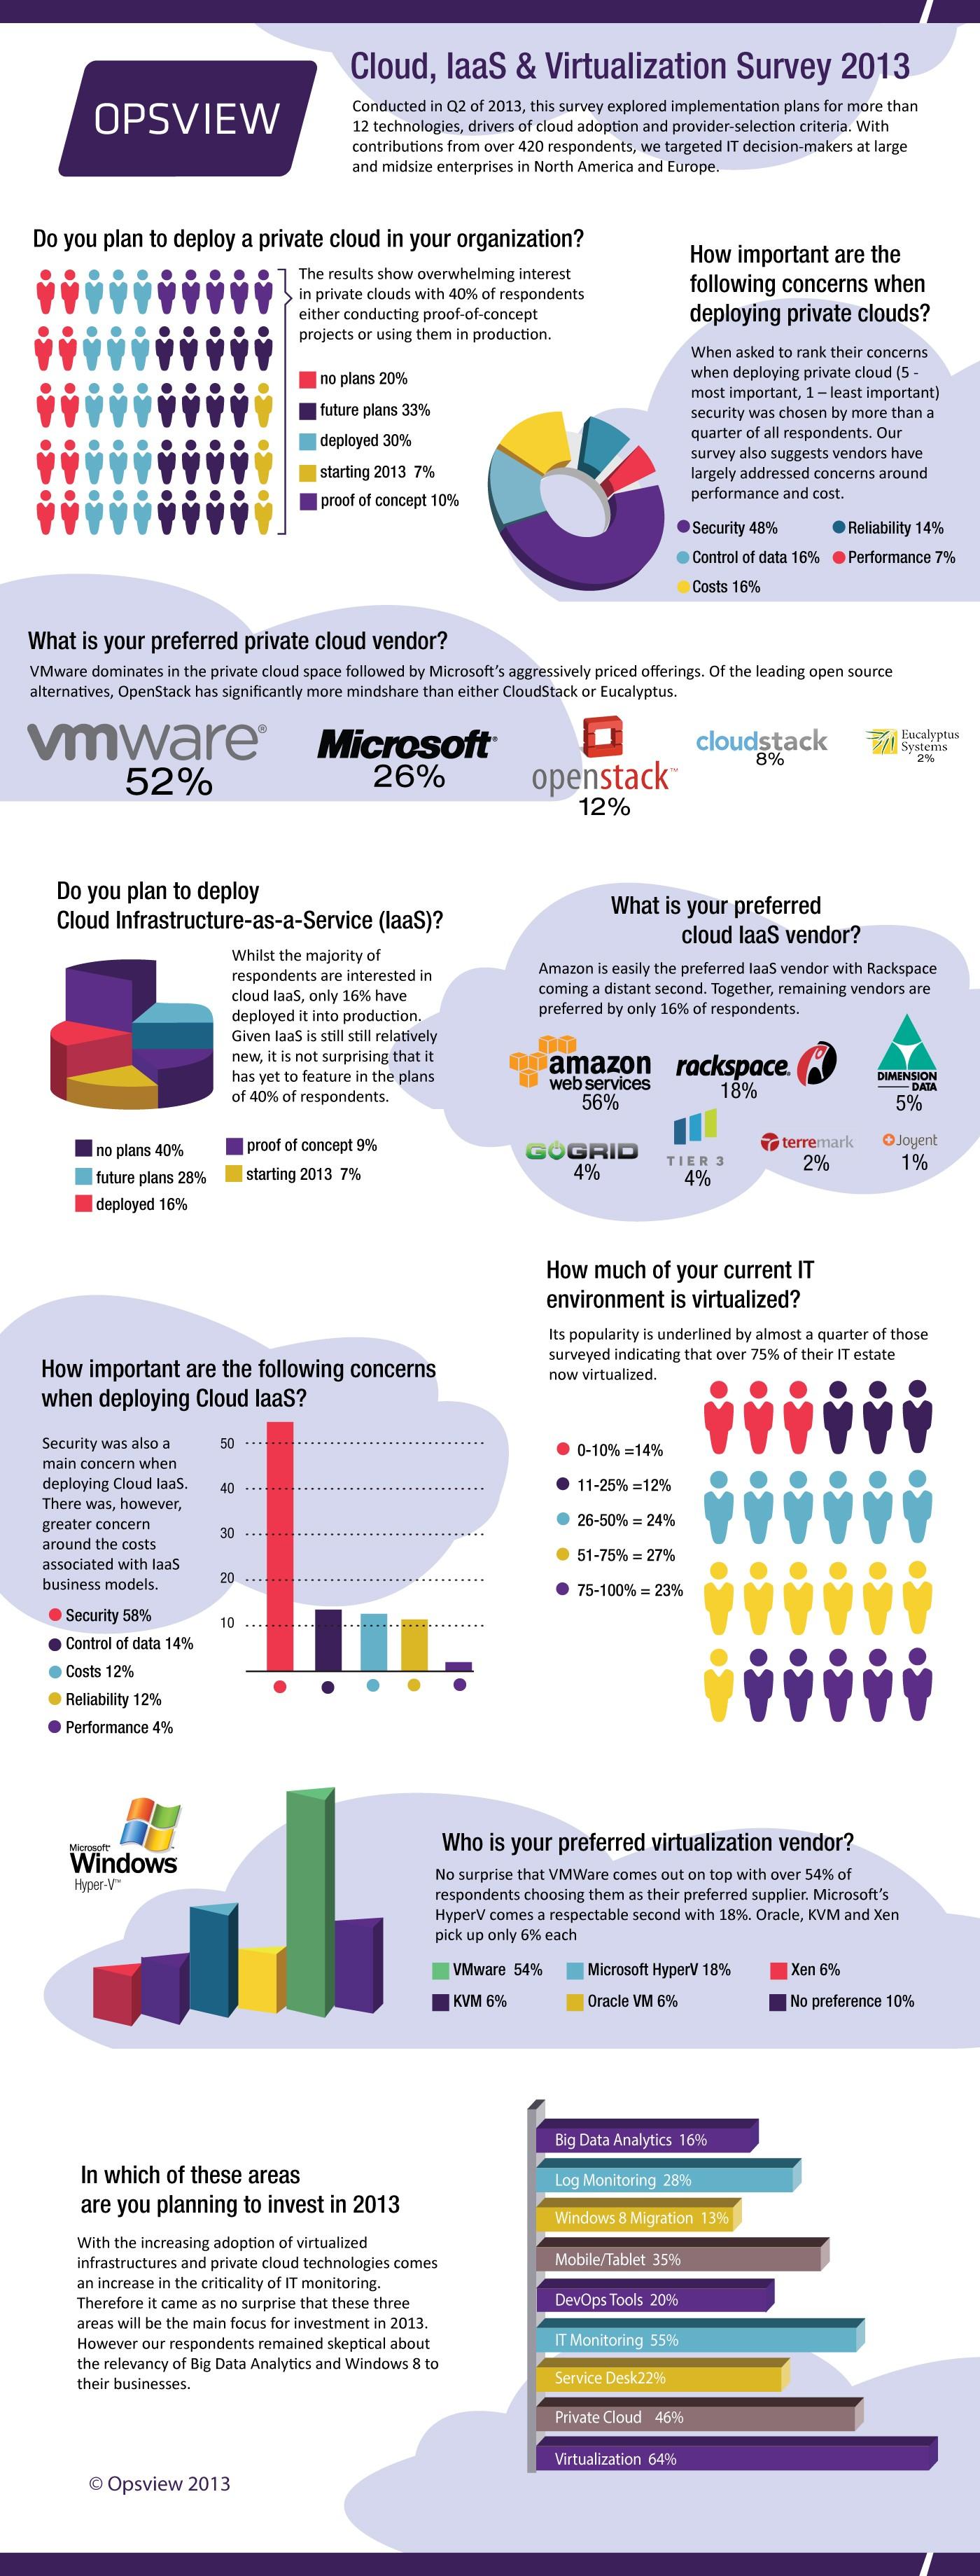 Opsview-Virtualization-Cloud-Survey-2013